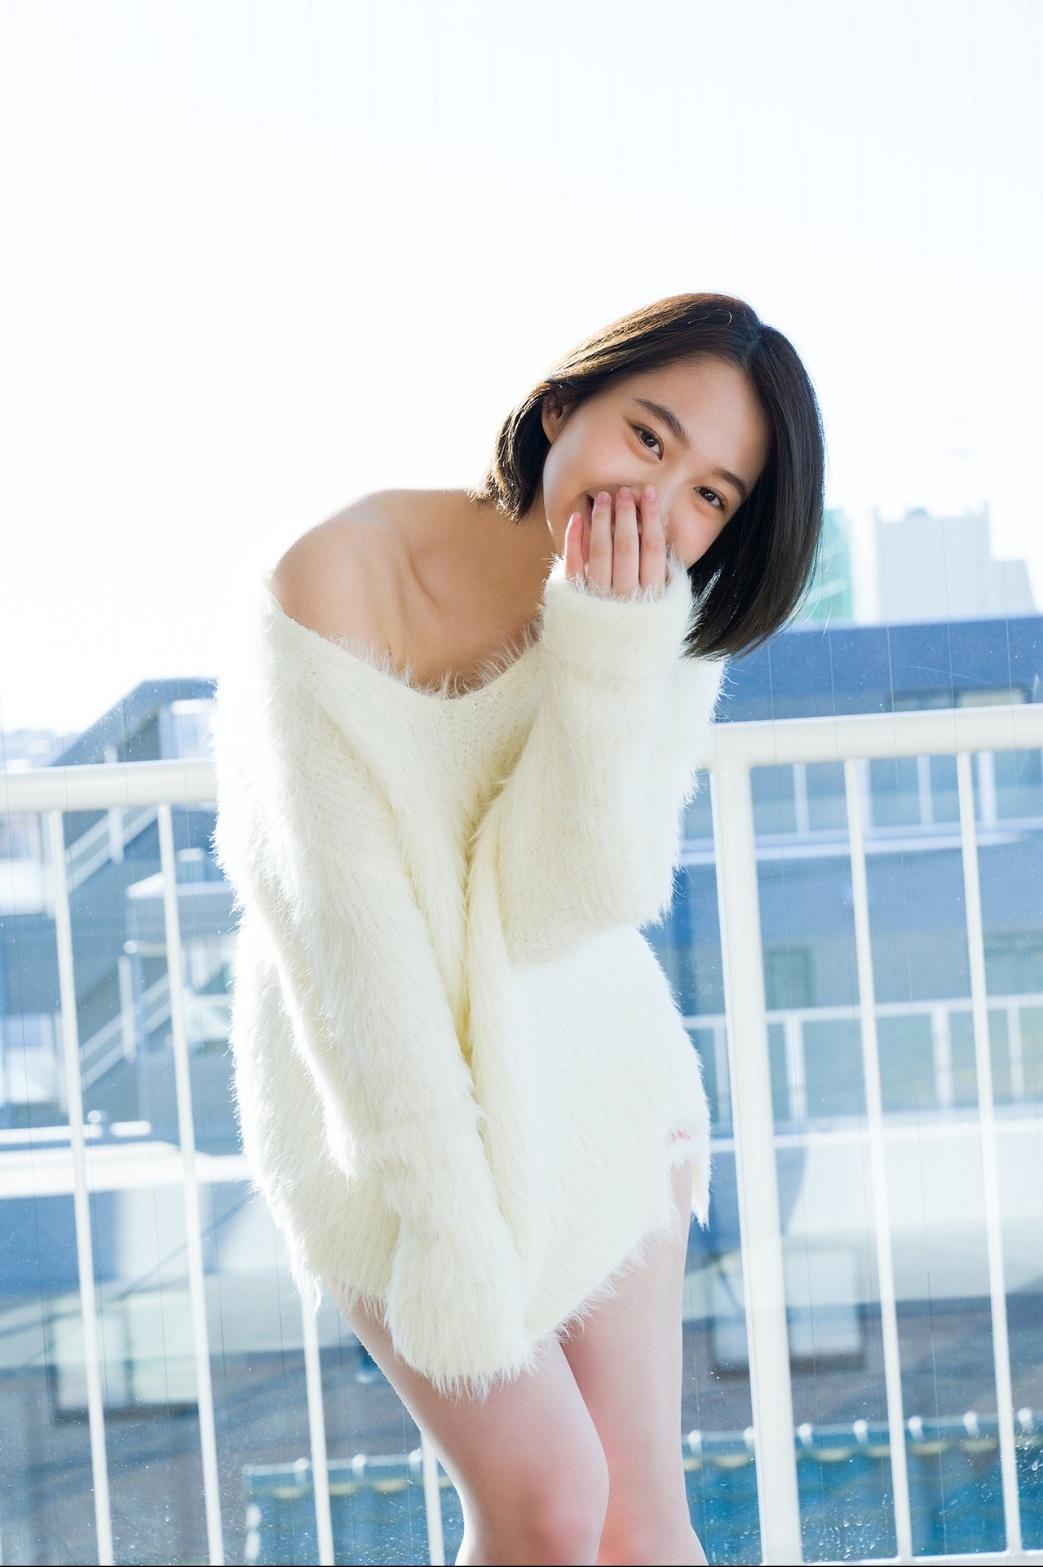 甜甜一笑,心情转好18岁妹新田步凪比基尼解放纤腰、事业线 养眼图片 第6张